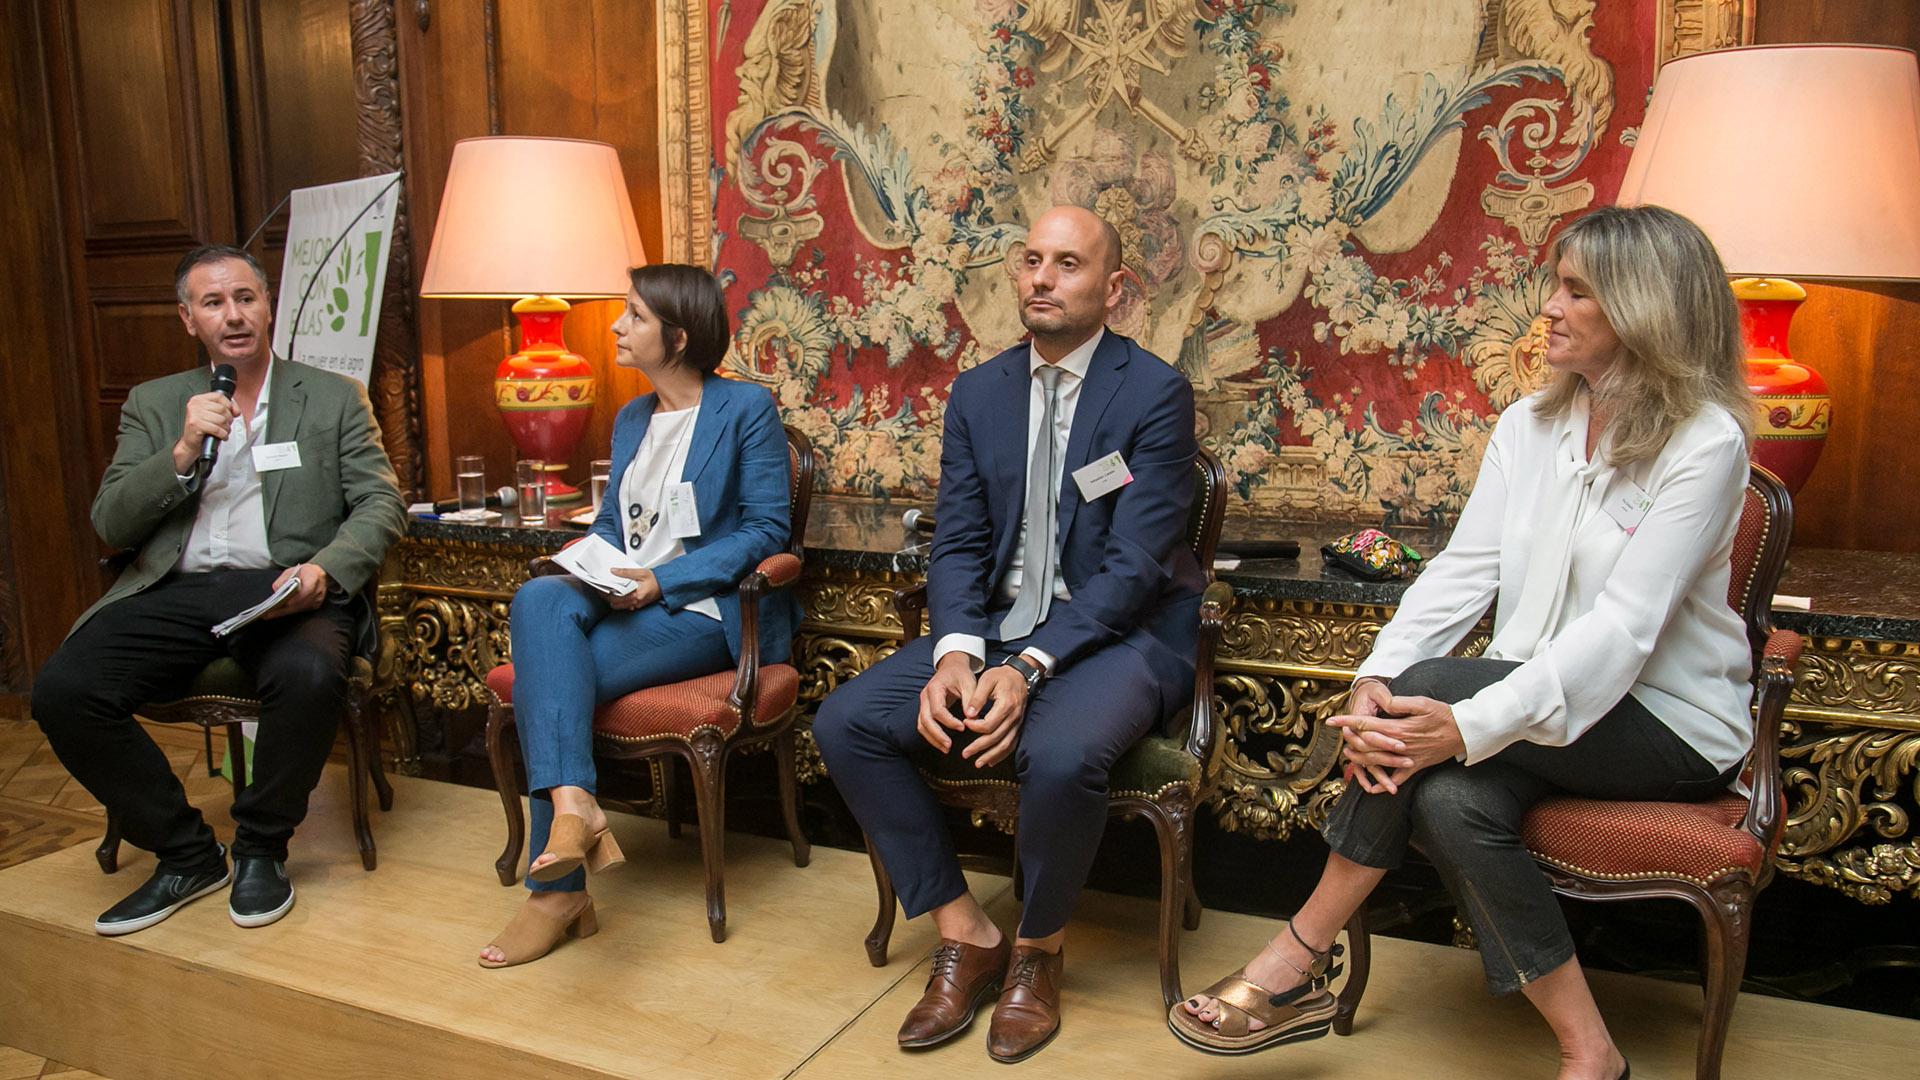 Fernando Bertello (La Nación), Fabiana Menna (Fundación Gran Chaco), Sebastián Cabello (GSMA Topic Chair) y Pilu Giraudo (Apresid)